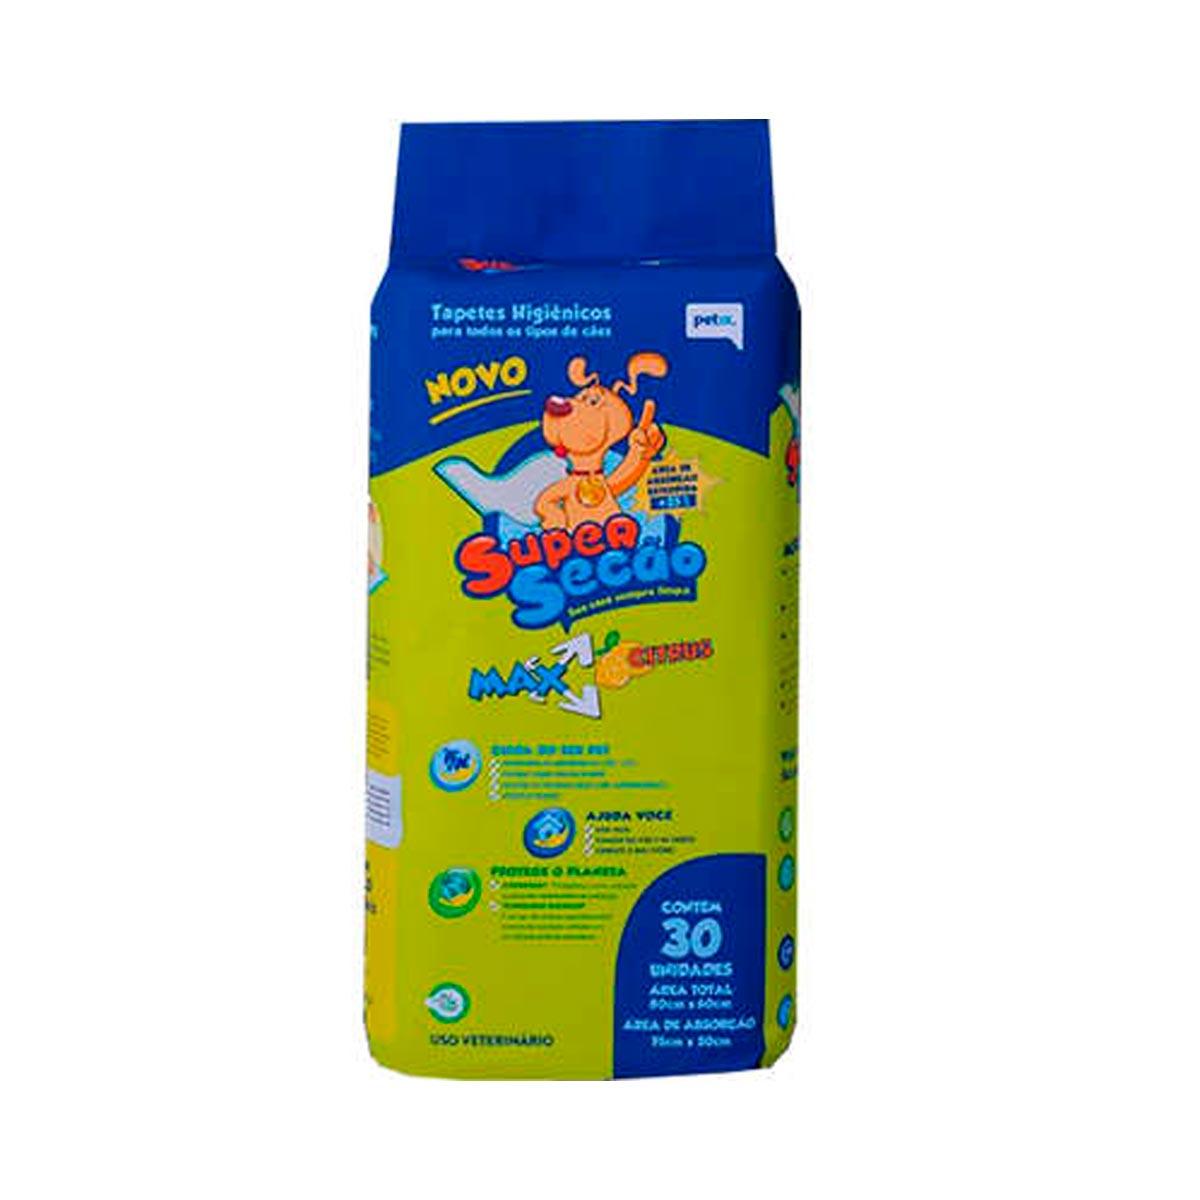 Tapete Higiênico Super Secão Max Citrus para Cães Petix